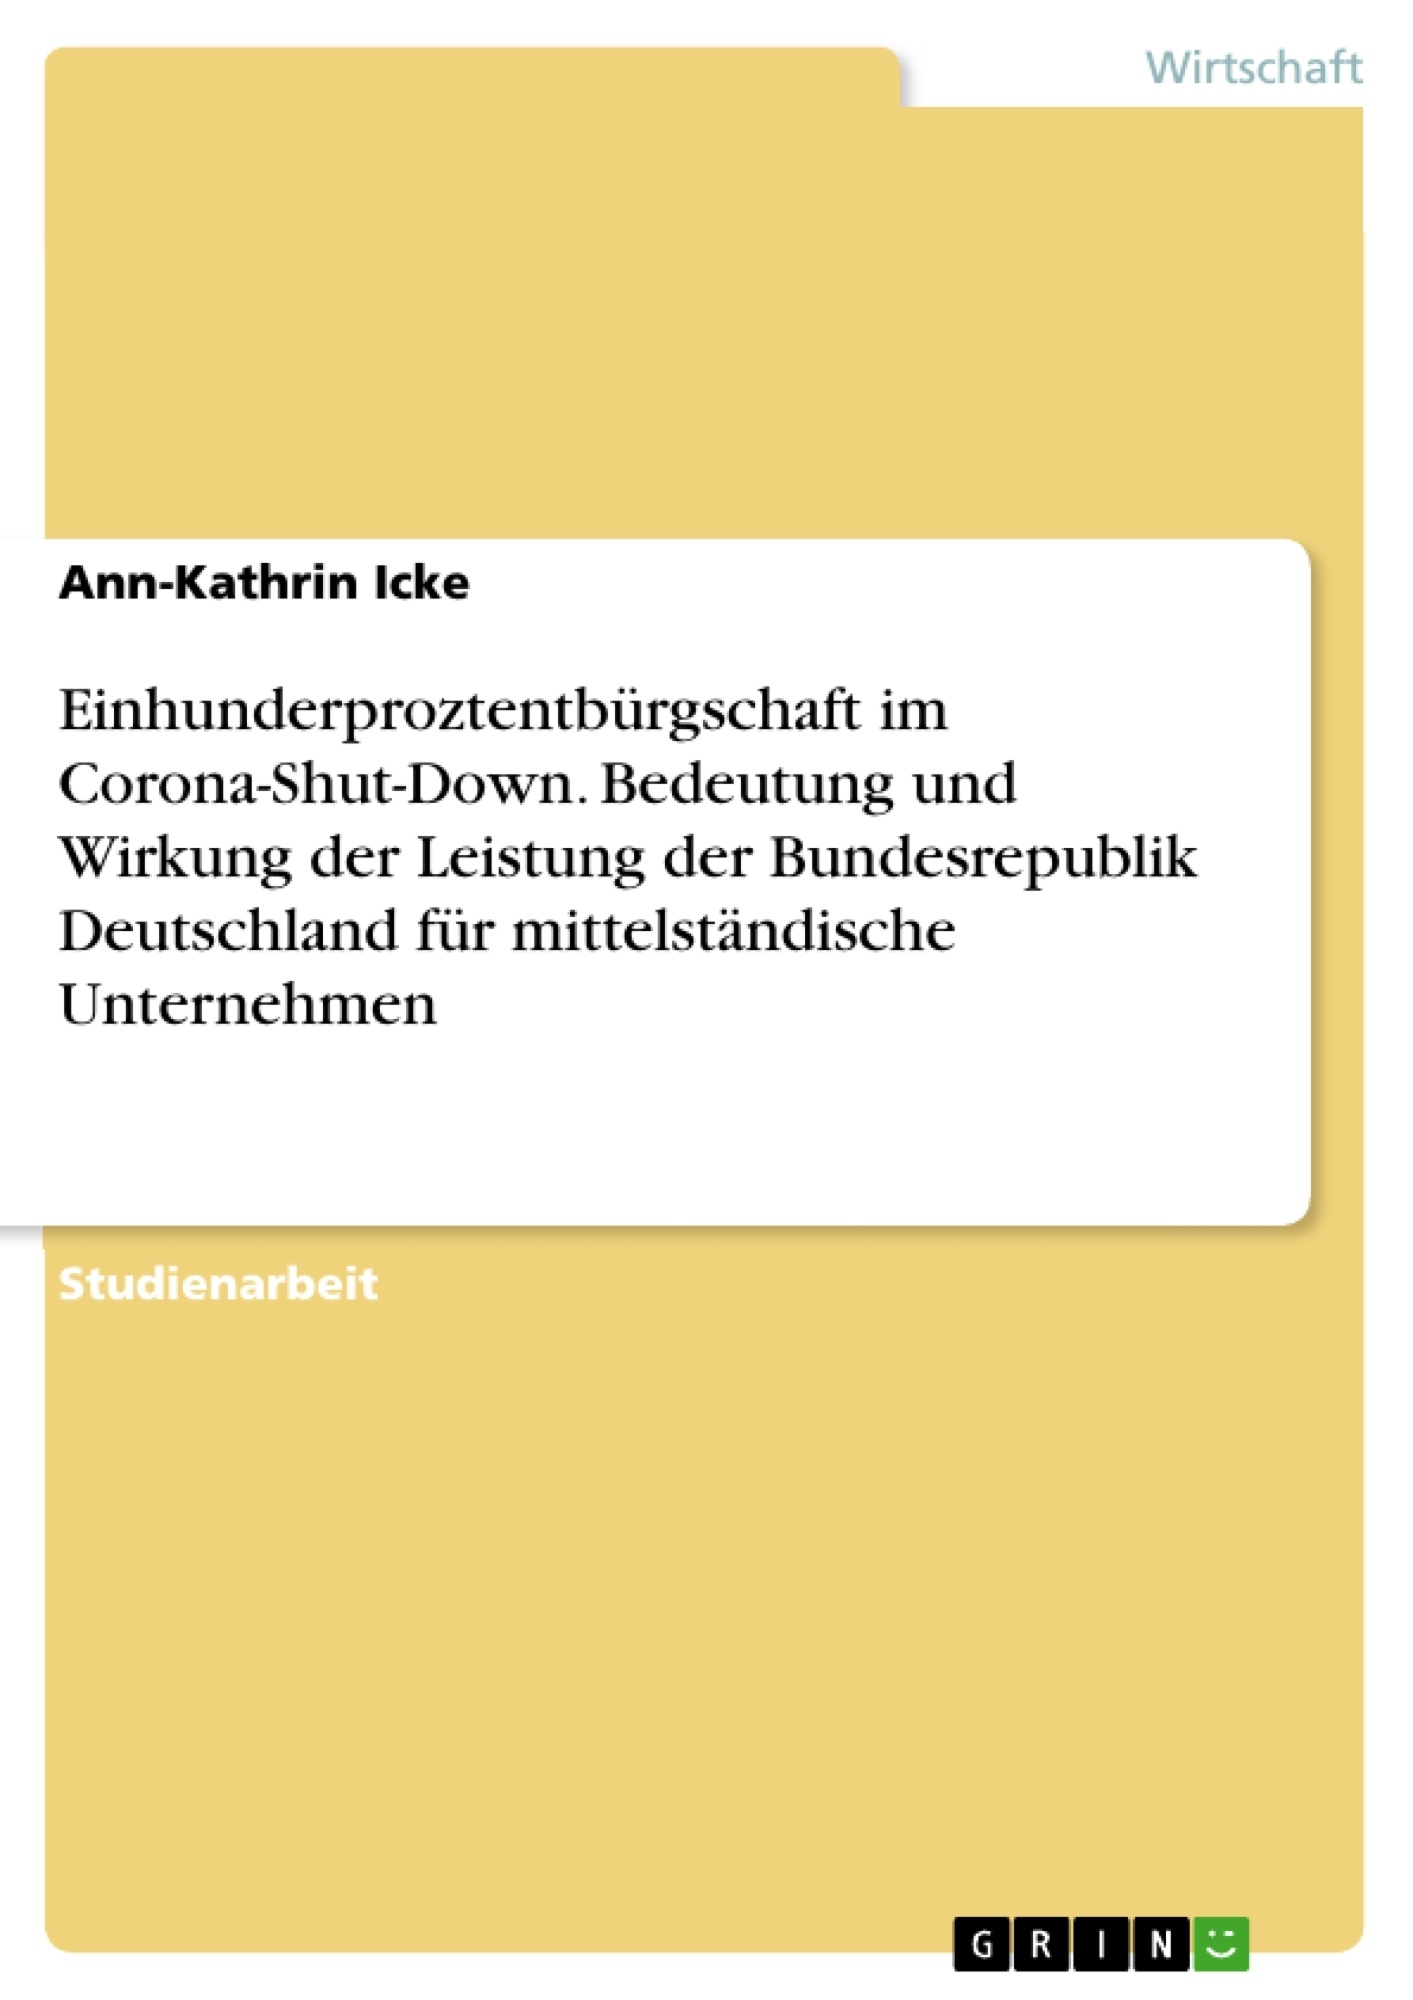 Titel: Einhunderprozentbürgschaft im Corona-Shut-Down. Bedeutung und Wirkung der Leistung der Bundesrepublik Deutschland für mittelständische Unternehmen